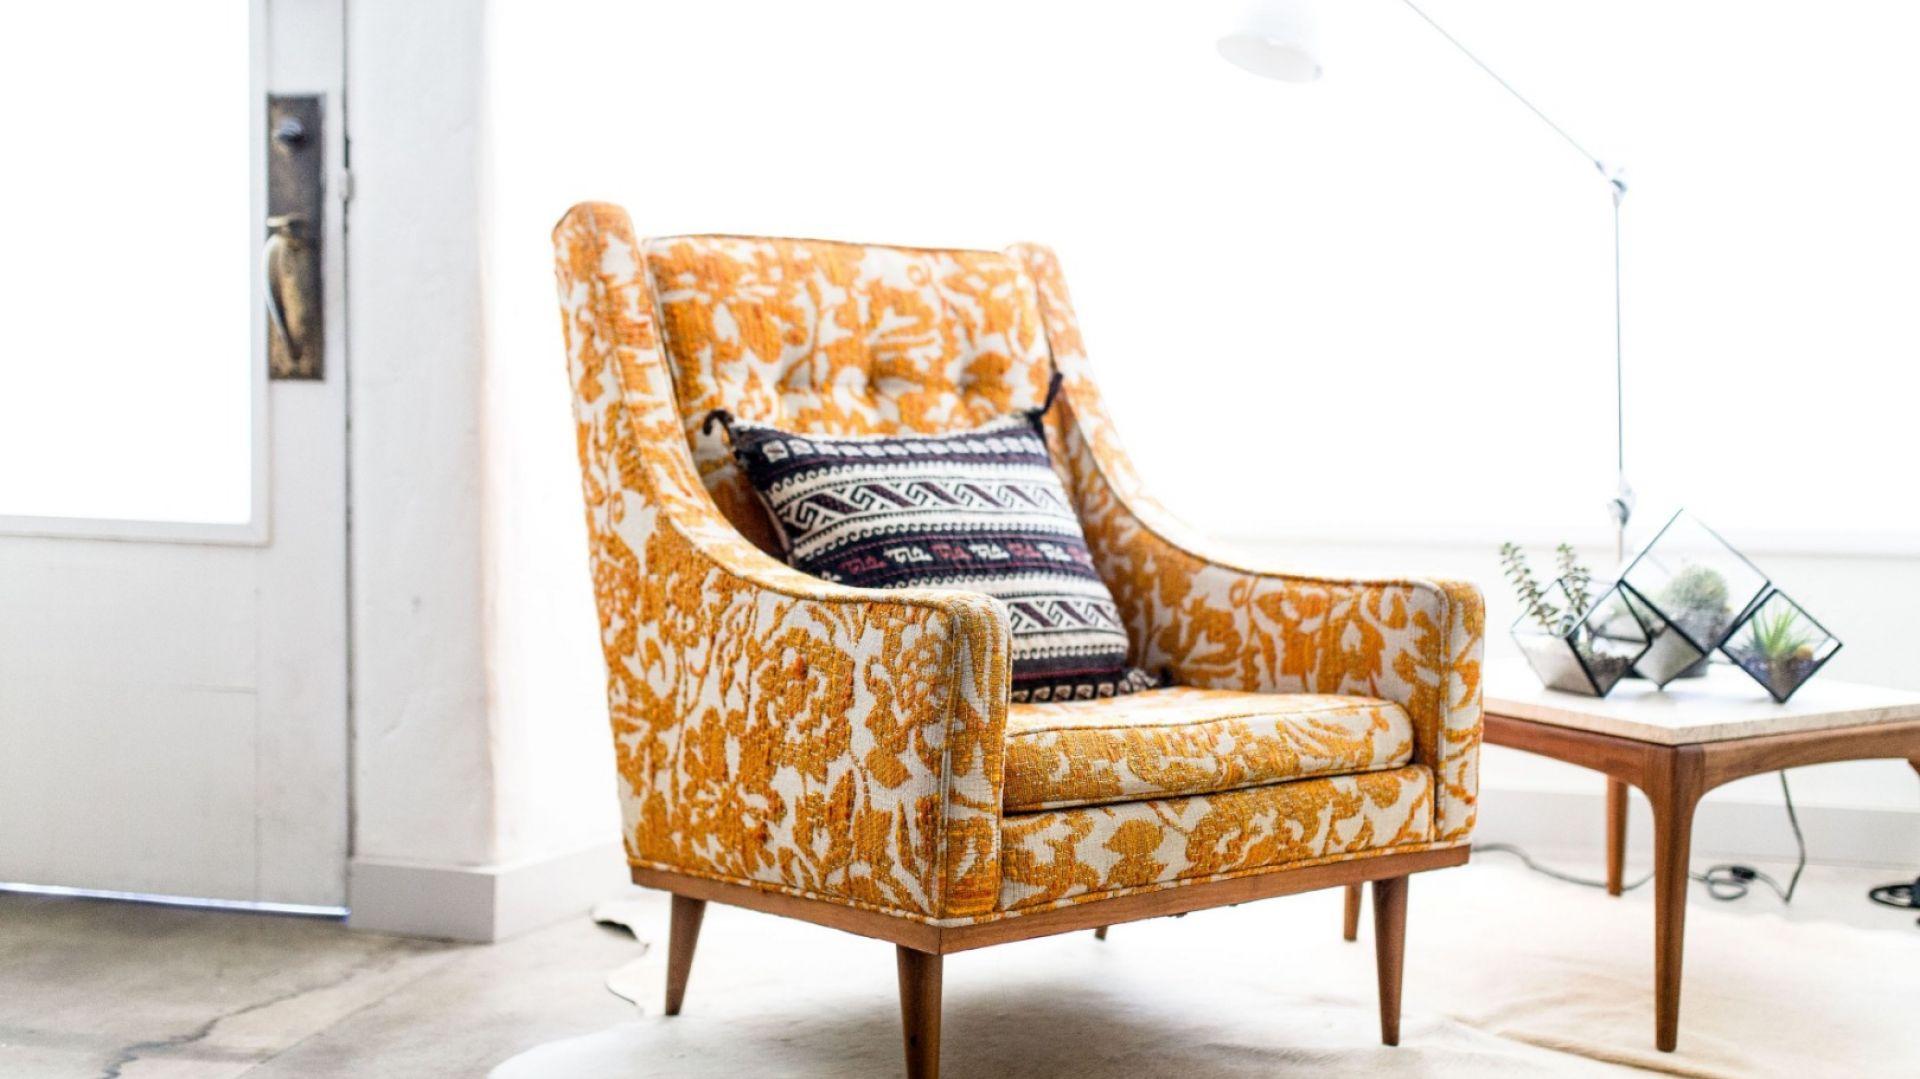 Pomarańczowy fotel w stylu retro. Fot. Franc Gardiner